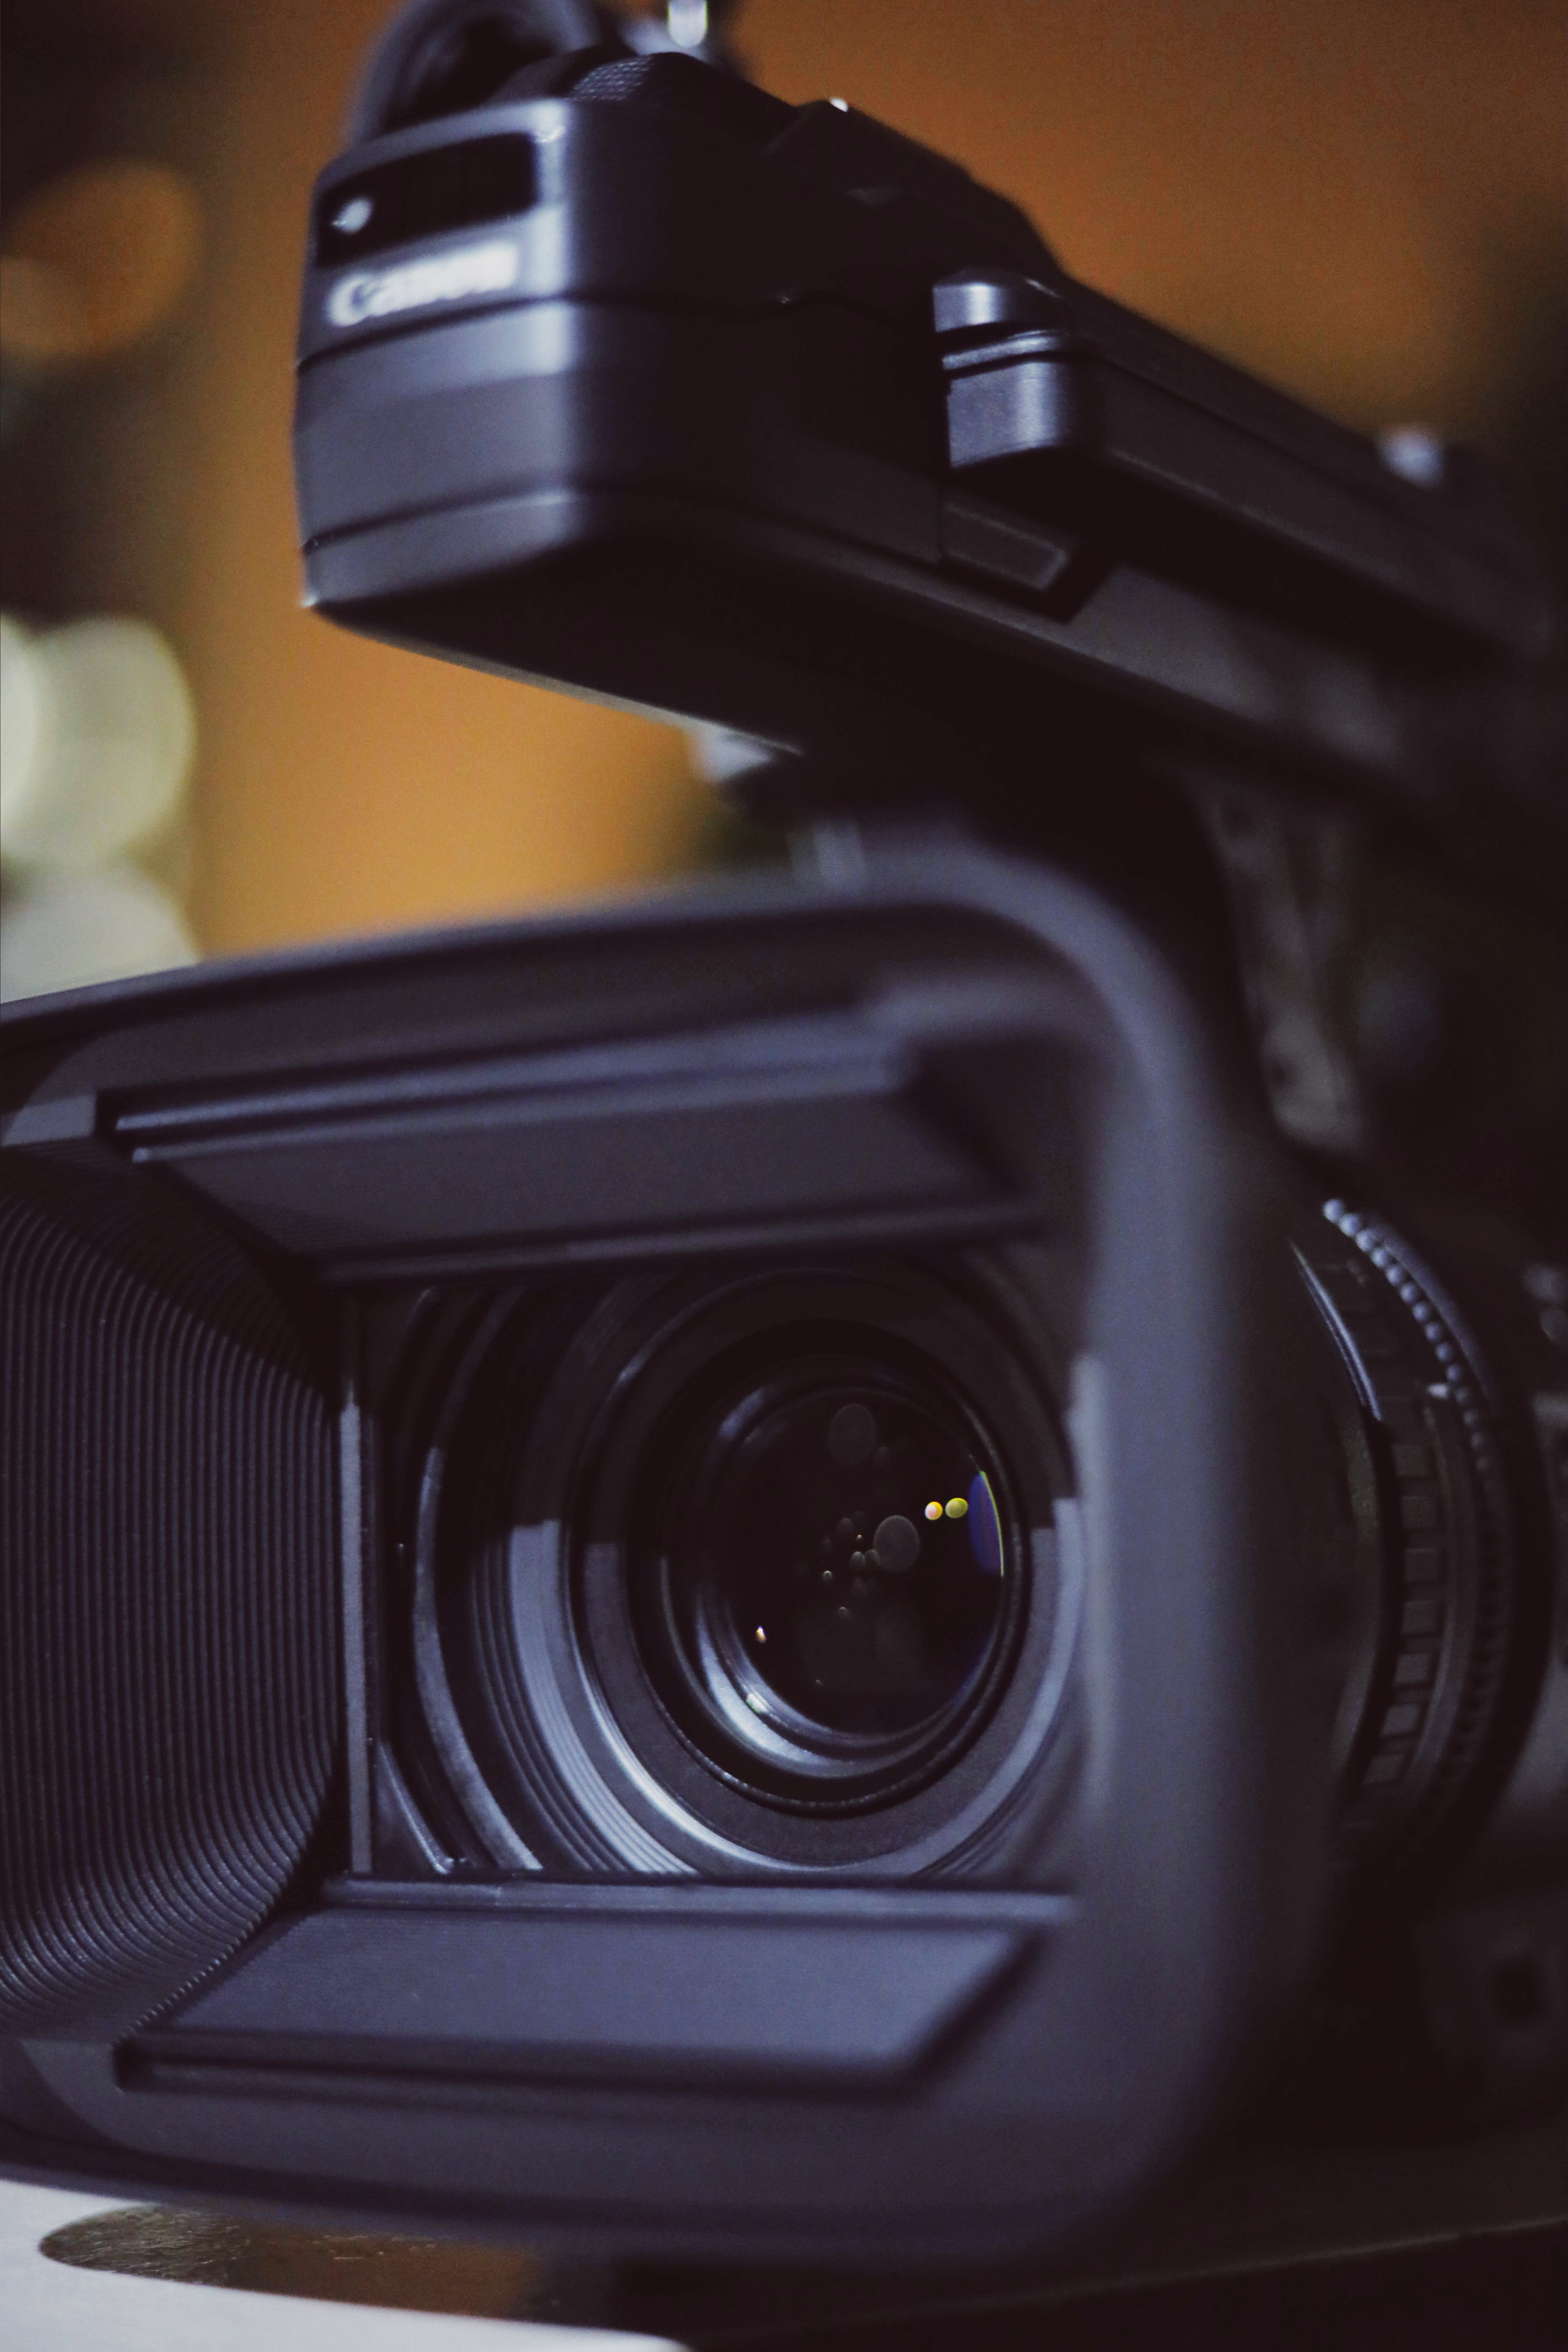 Δωρεάν στοκ φωτογραφιών με canon, viewfinder, αιχμαλωτίζω, βίντεο